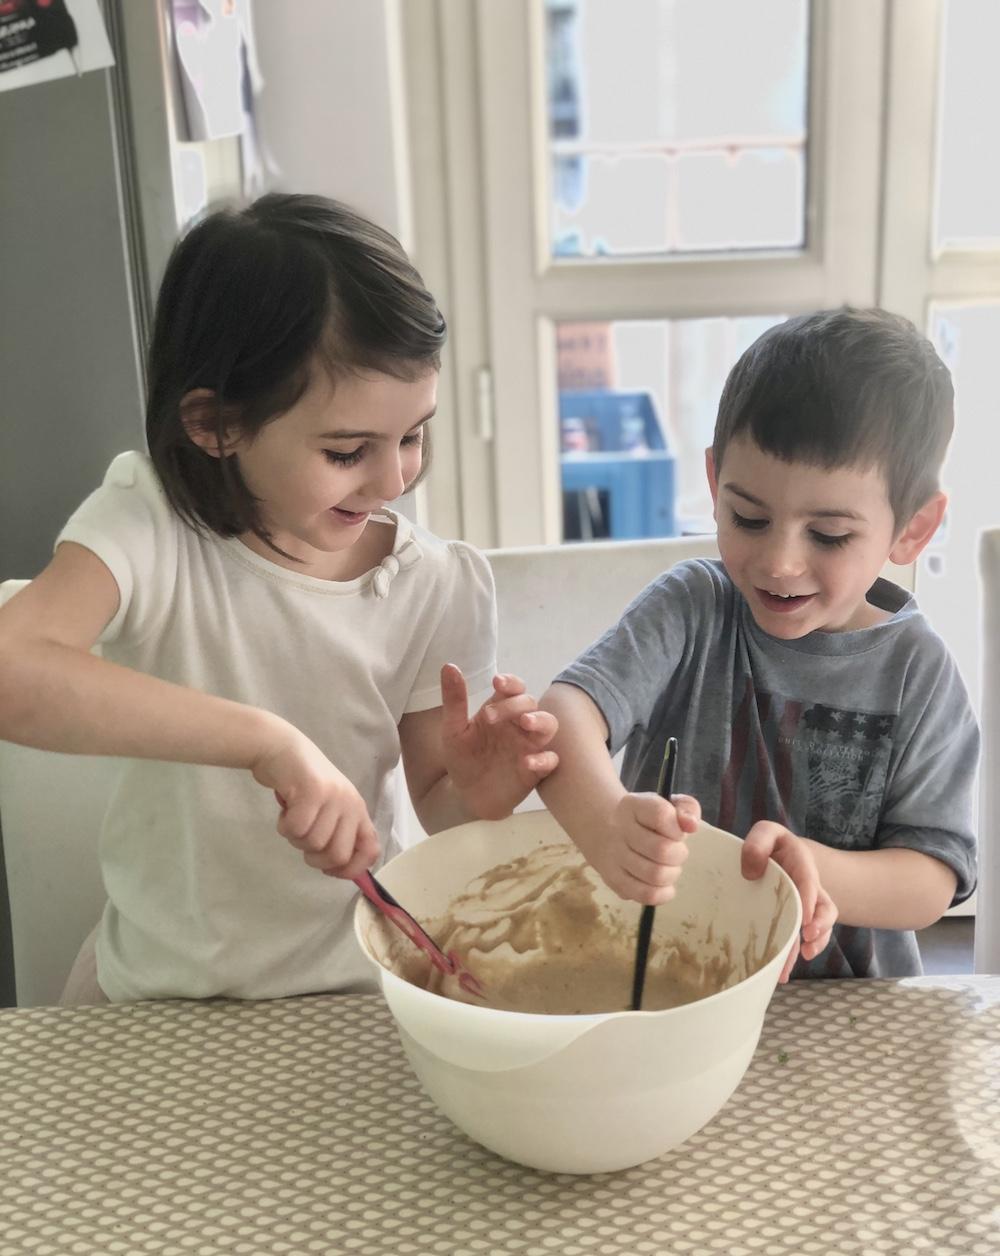 bambini-preparano-un-dolce